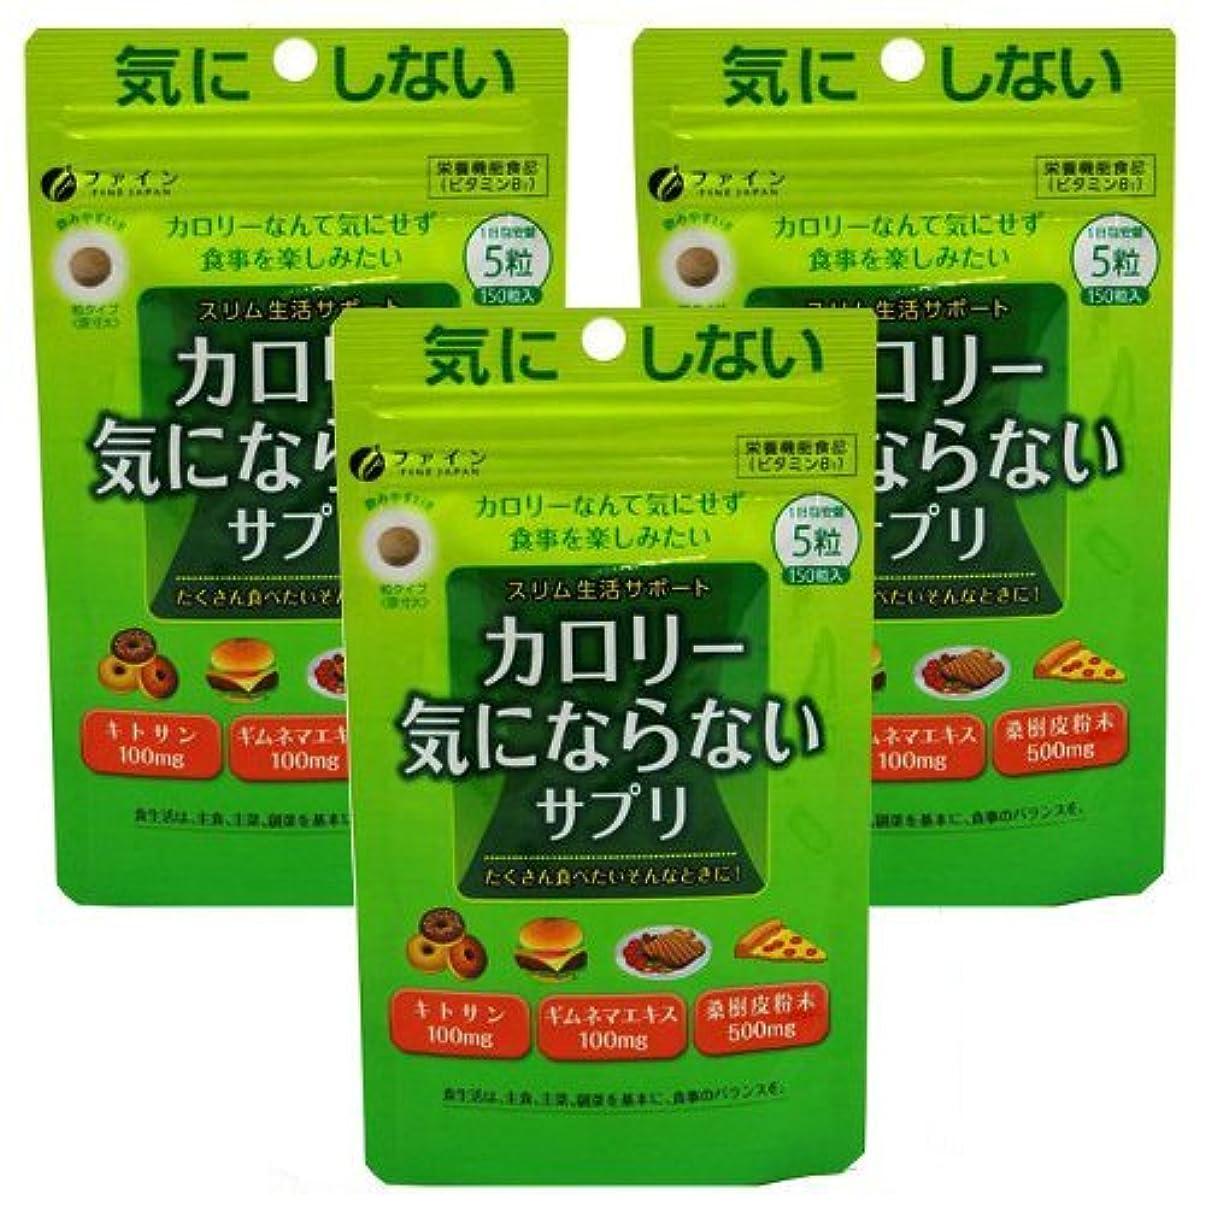 関係するビームストッキングカロリー気にならないサプリ 150粒(約1ヶ月分)×3袋